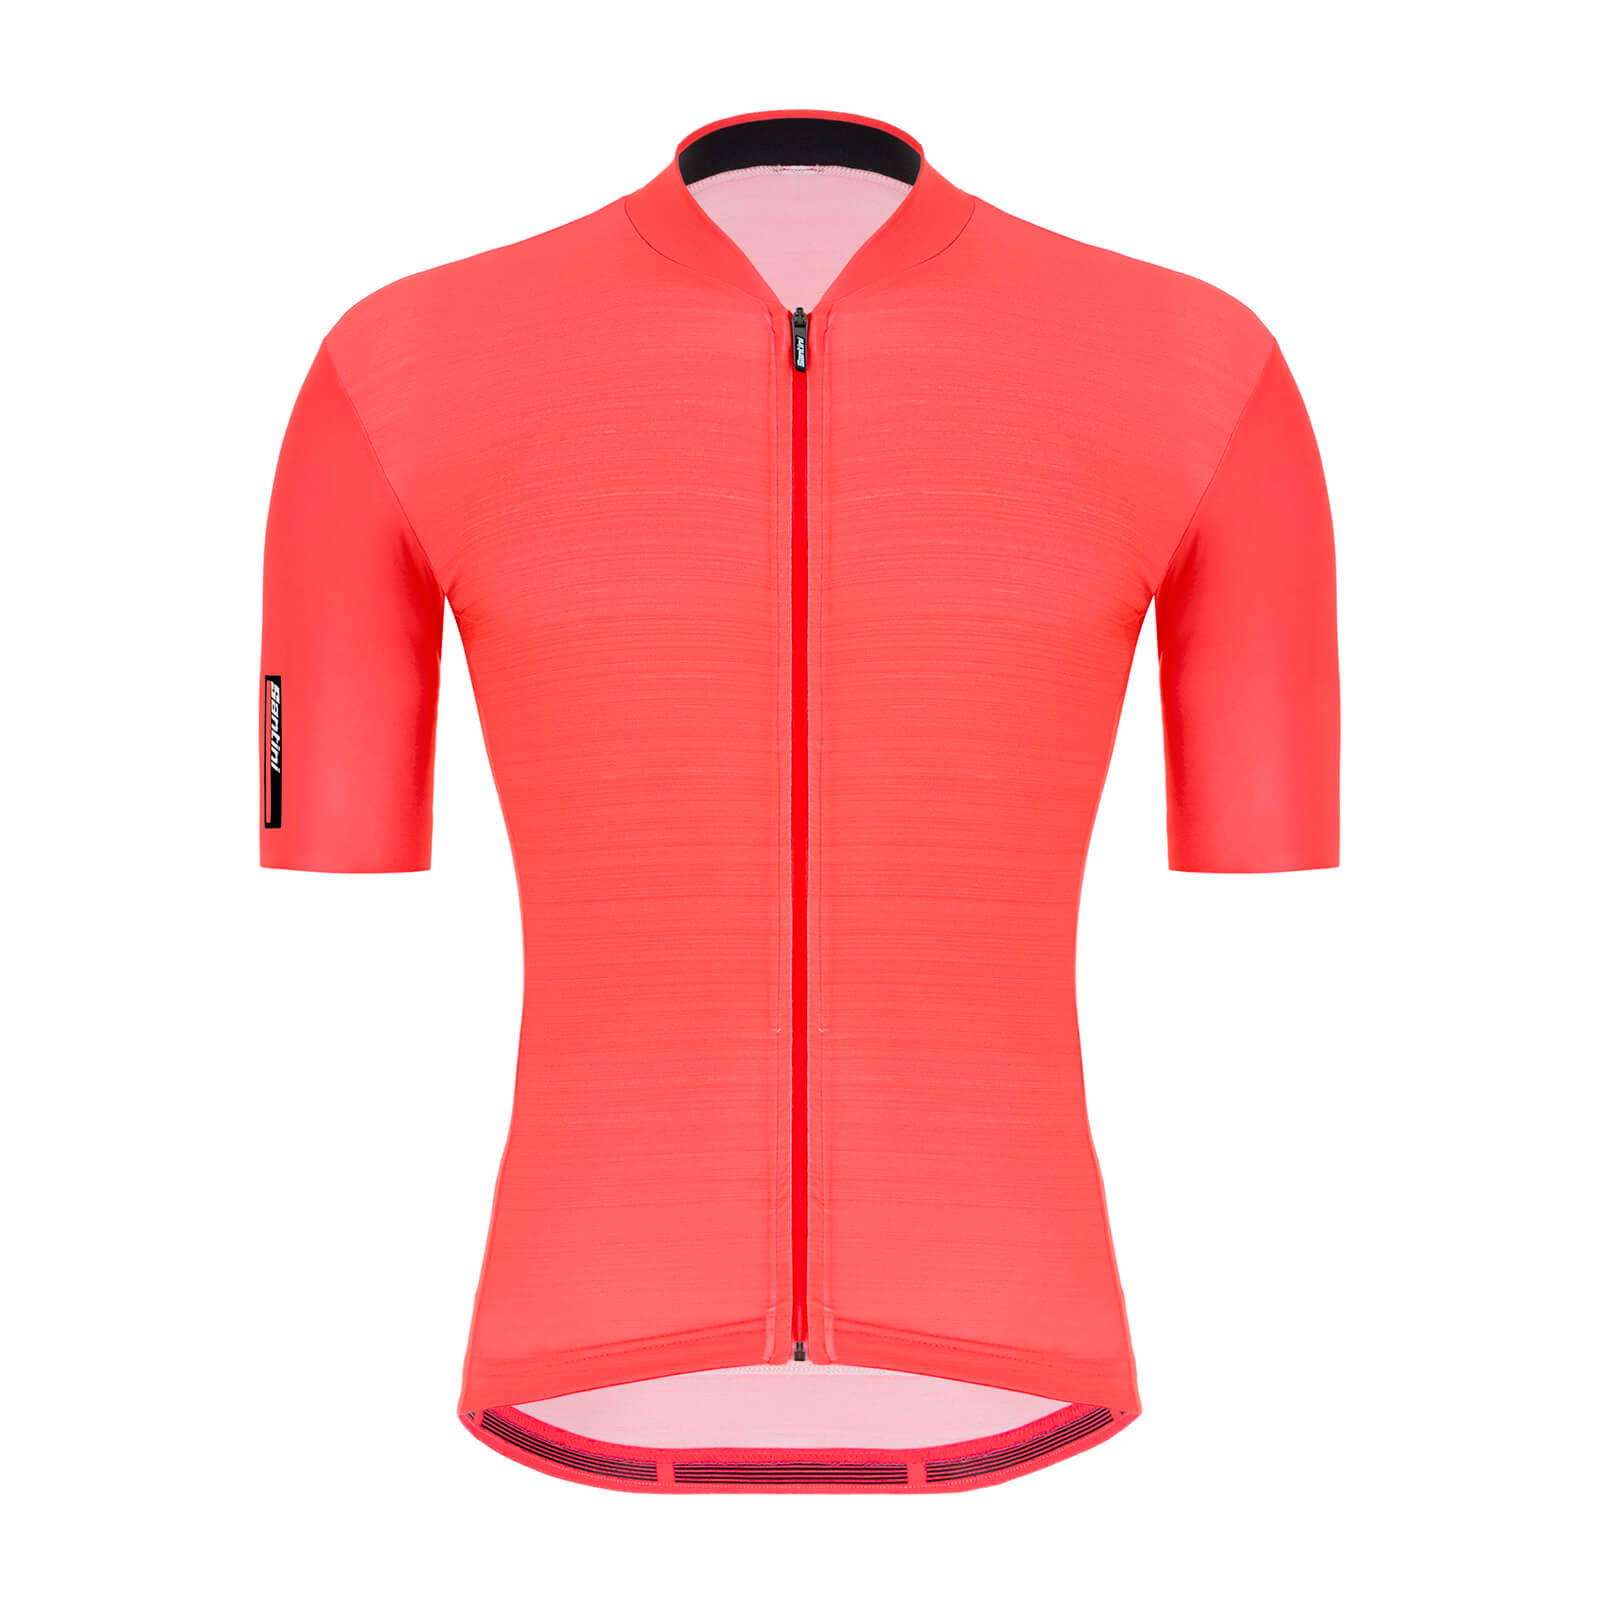 Santini Colore Jersey - S - Granatina Orange